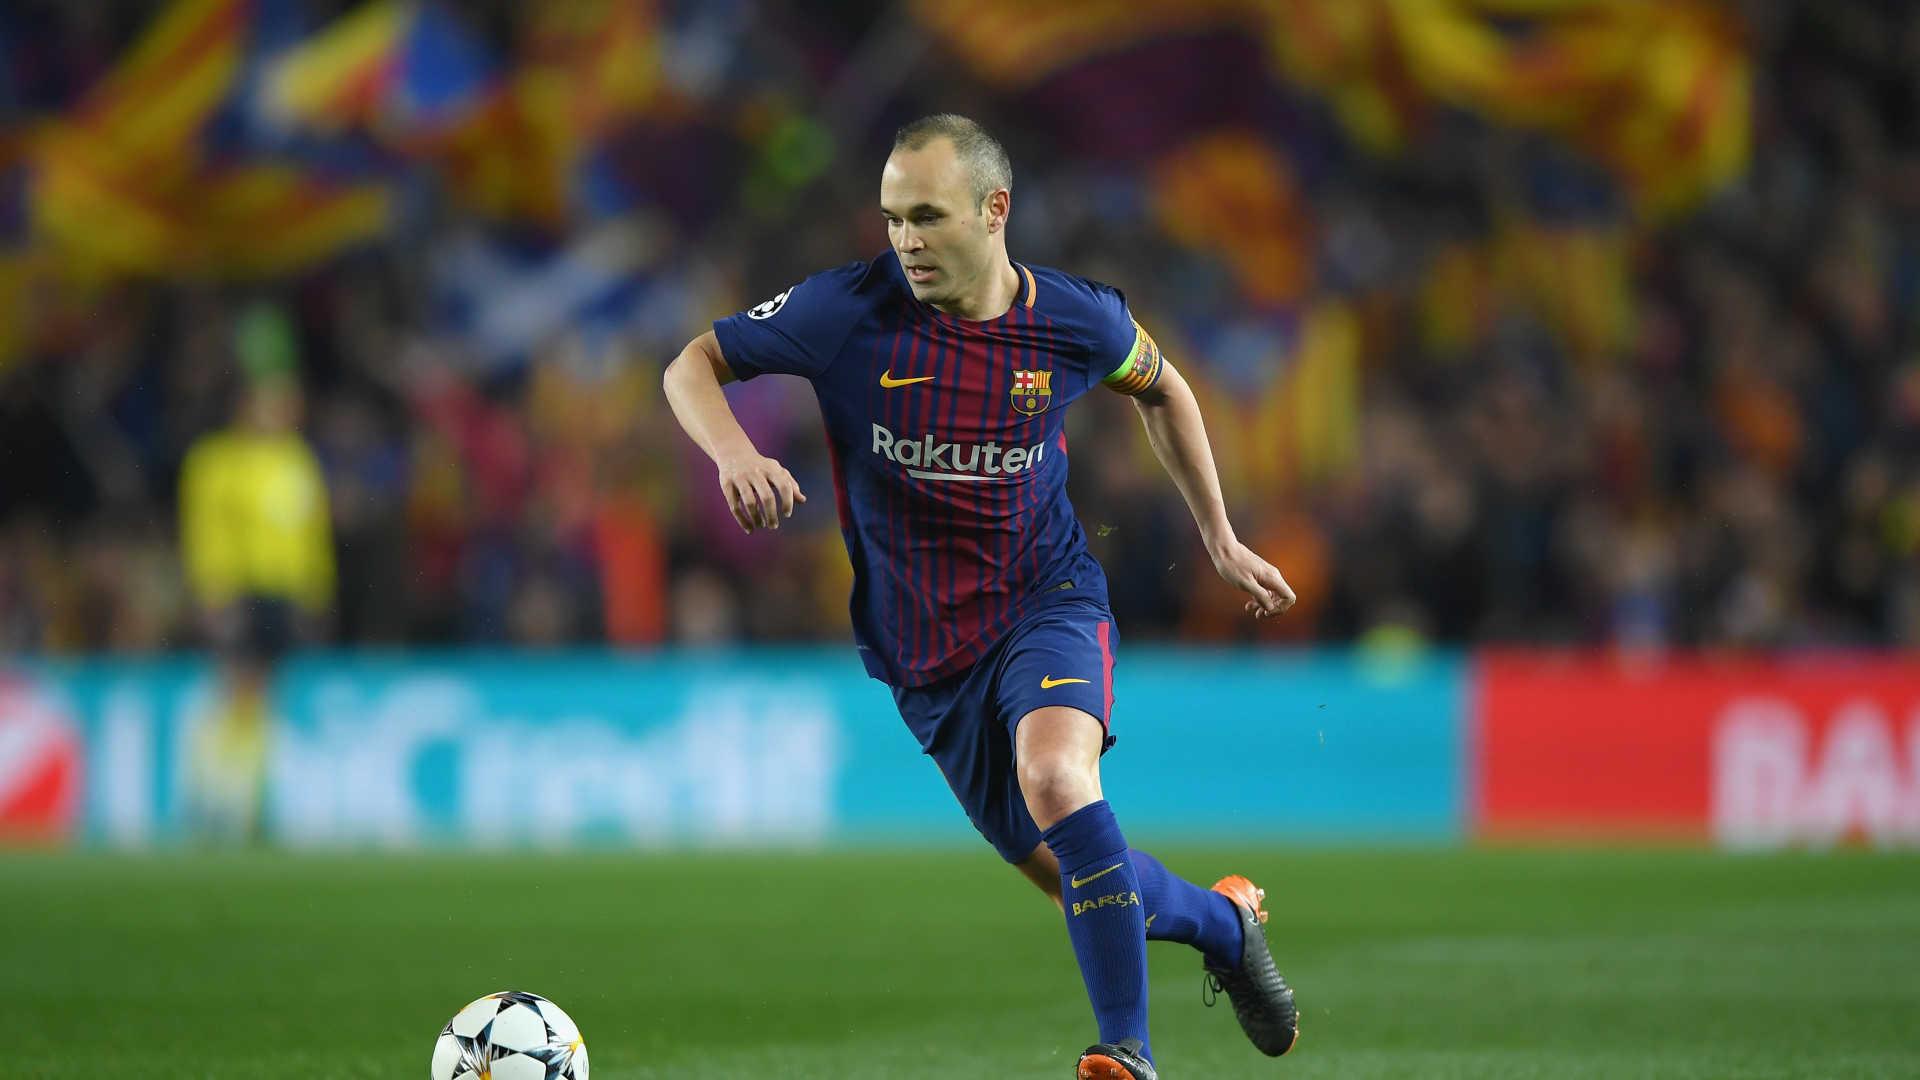 Ídolo se despede do Barça com lágrimas